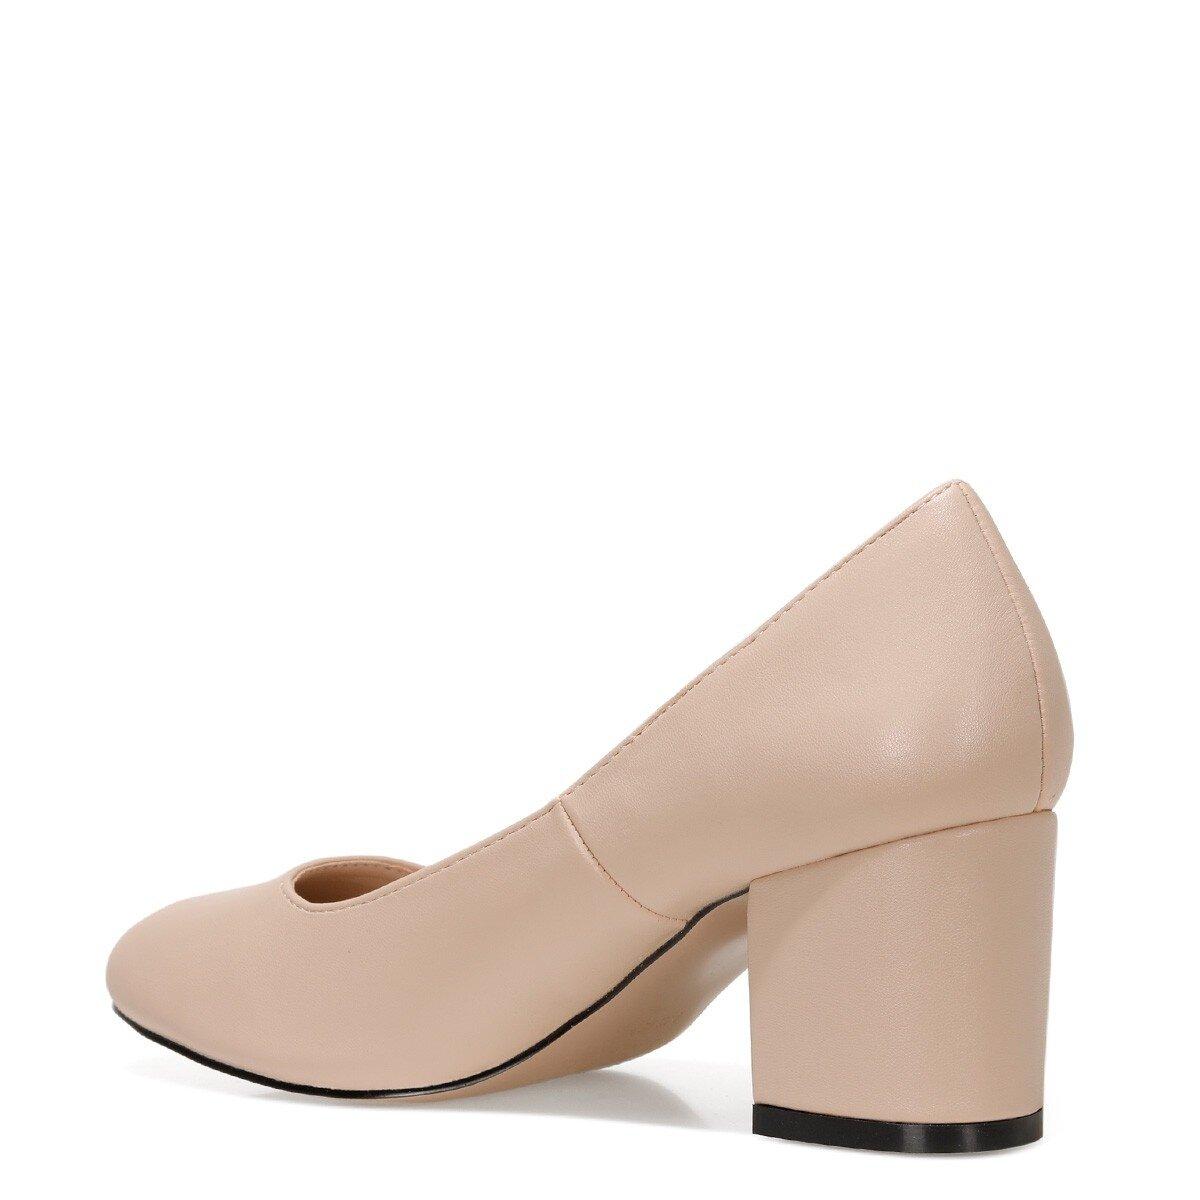 ULISEN 1FX NUDE Kadın Kısa Topuklu Ayakkabı